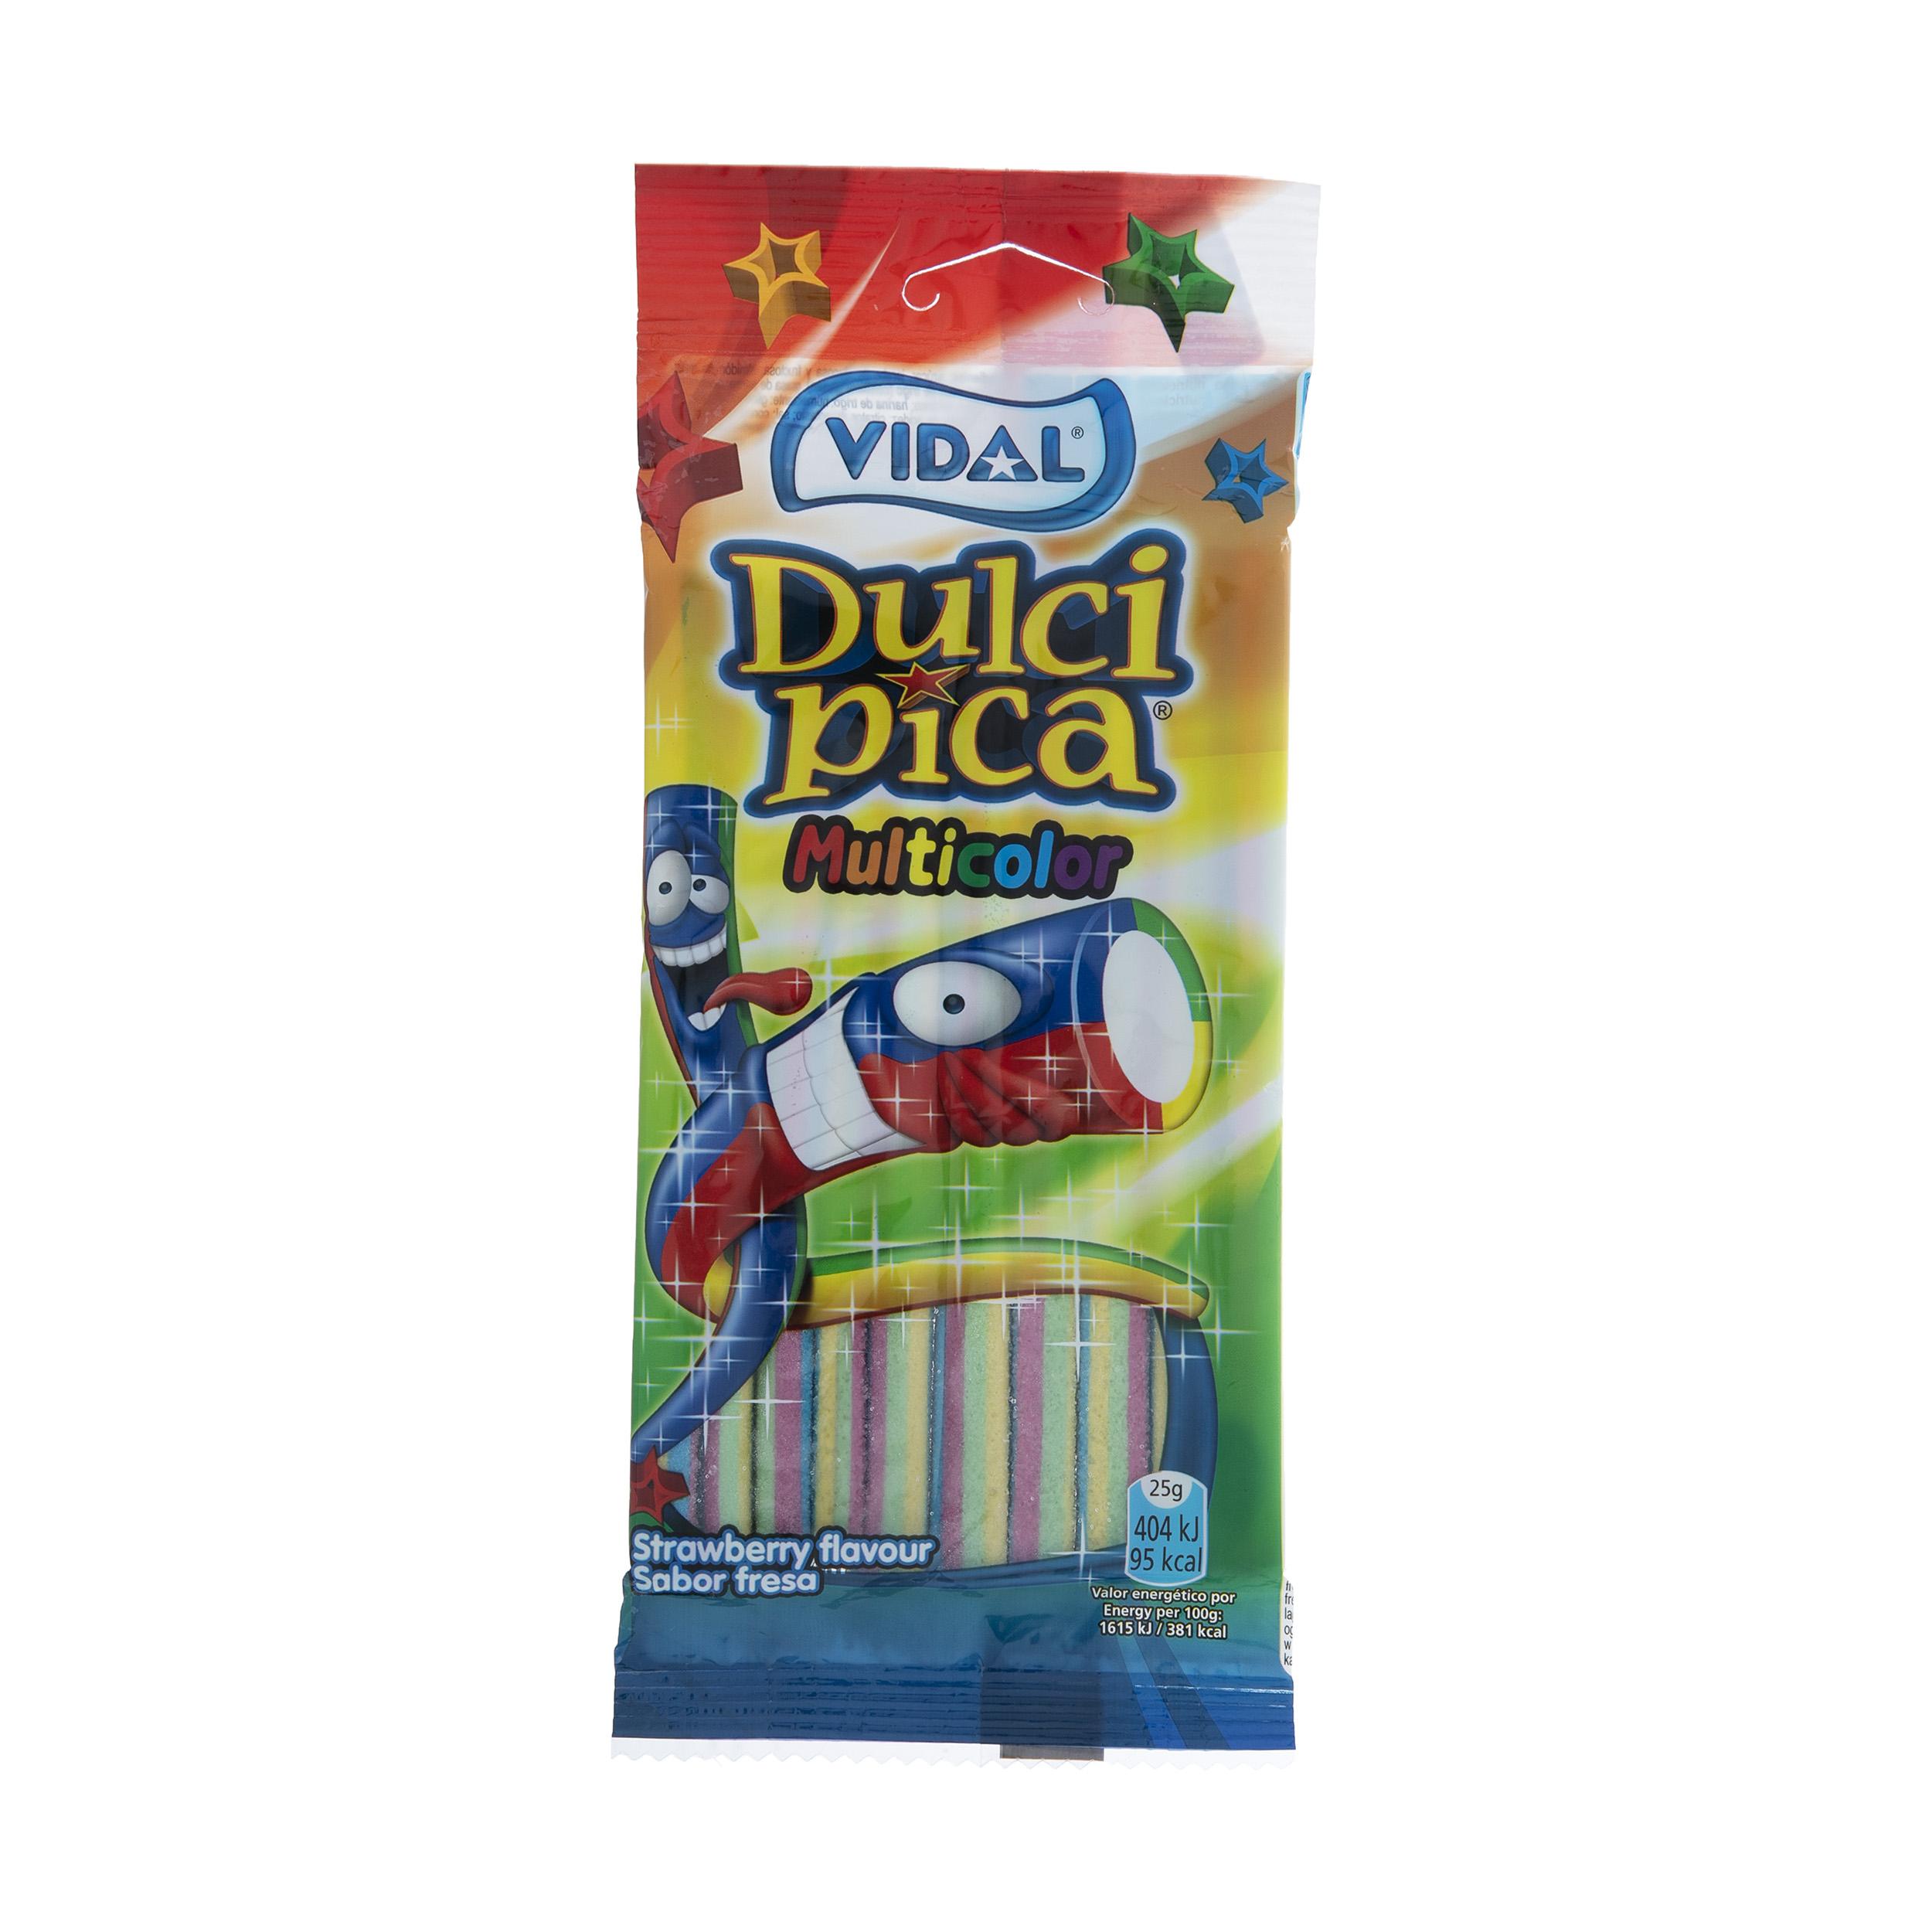 پاستیل ویدال طرح مدادی رنگین کمان مقدار 100 گرم